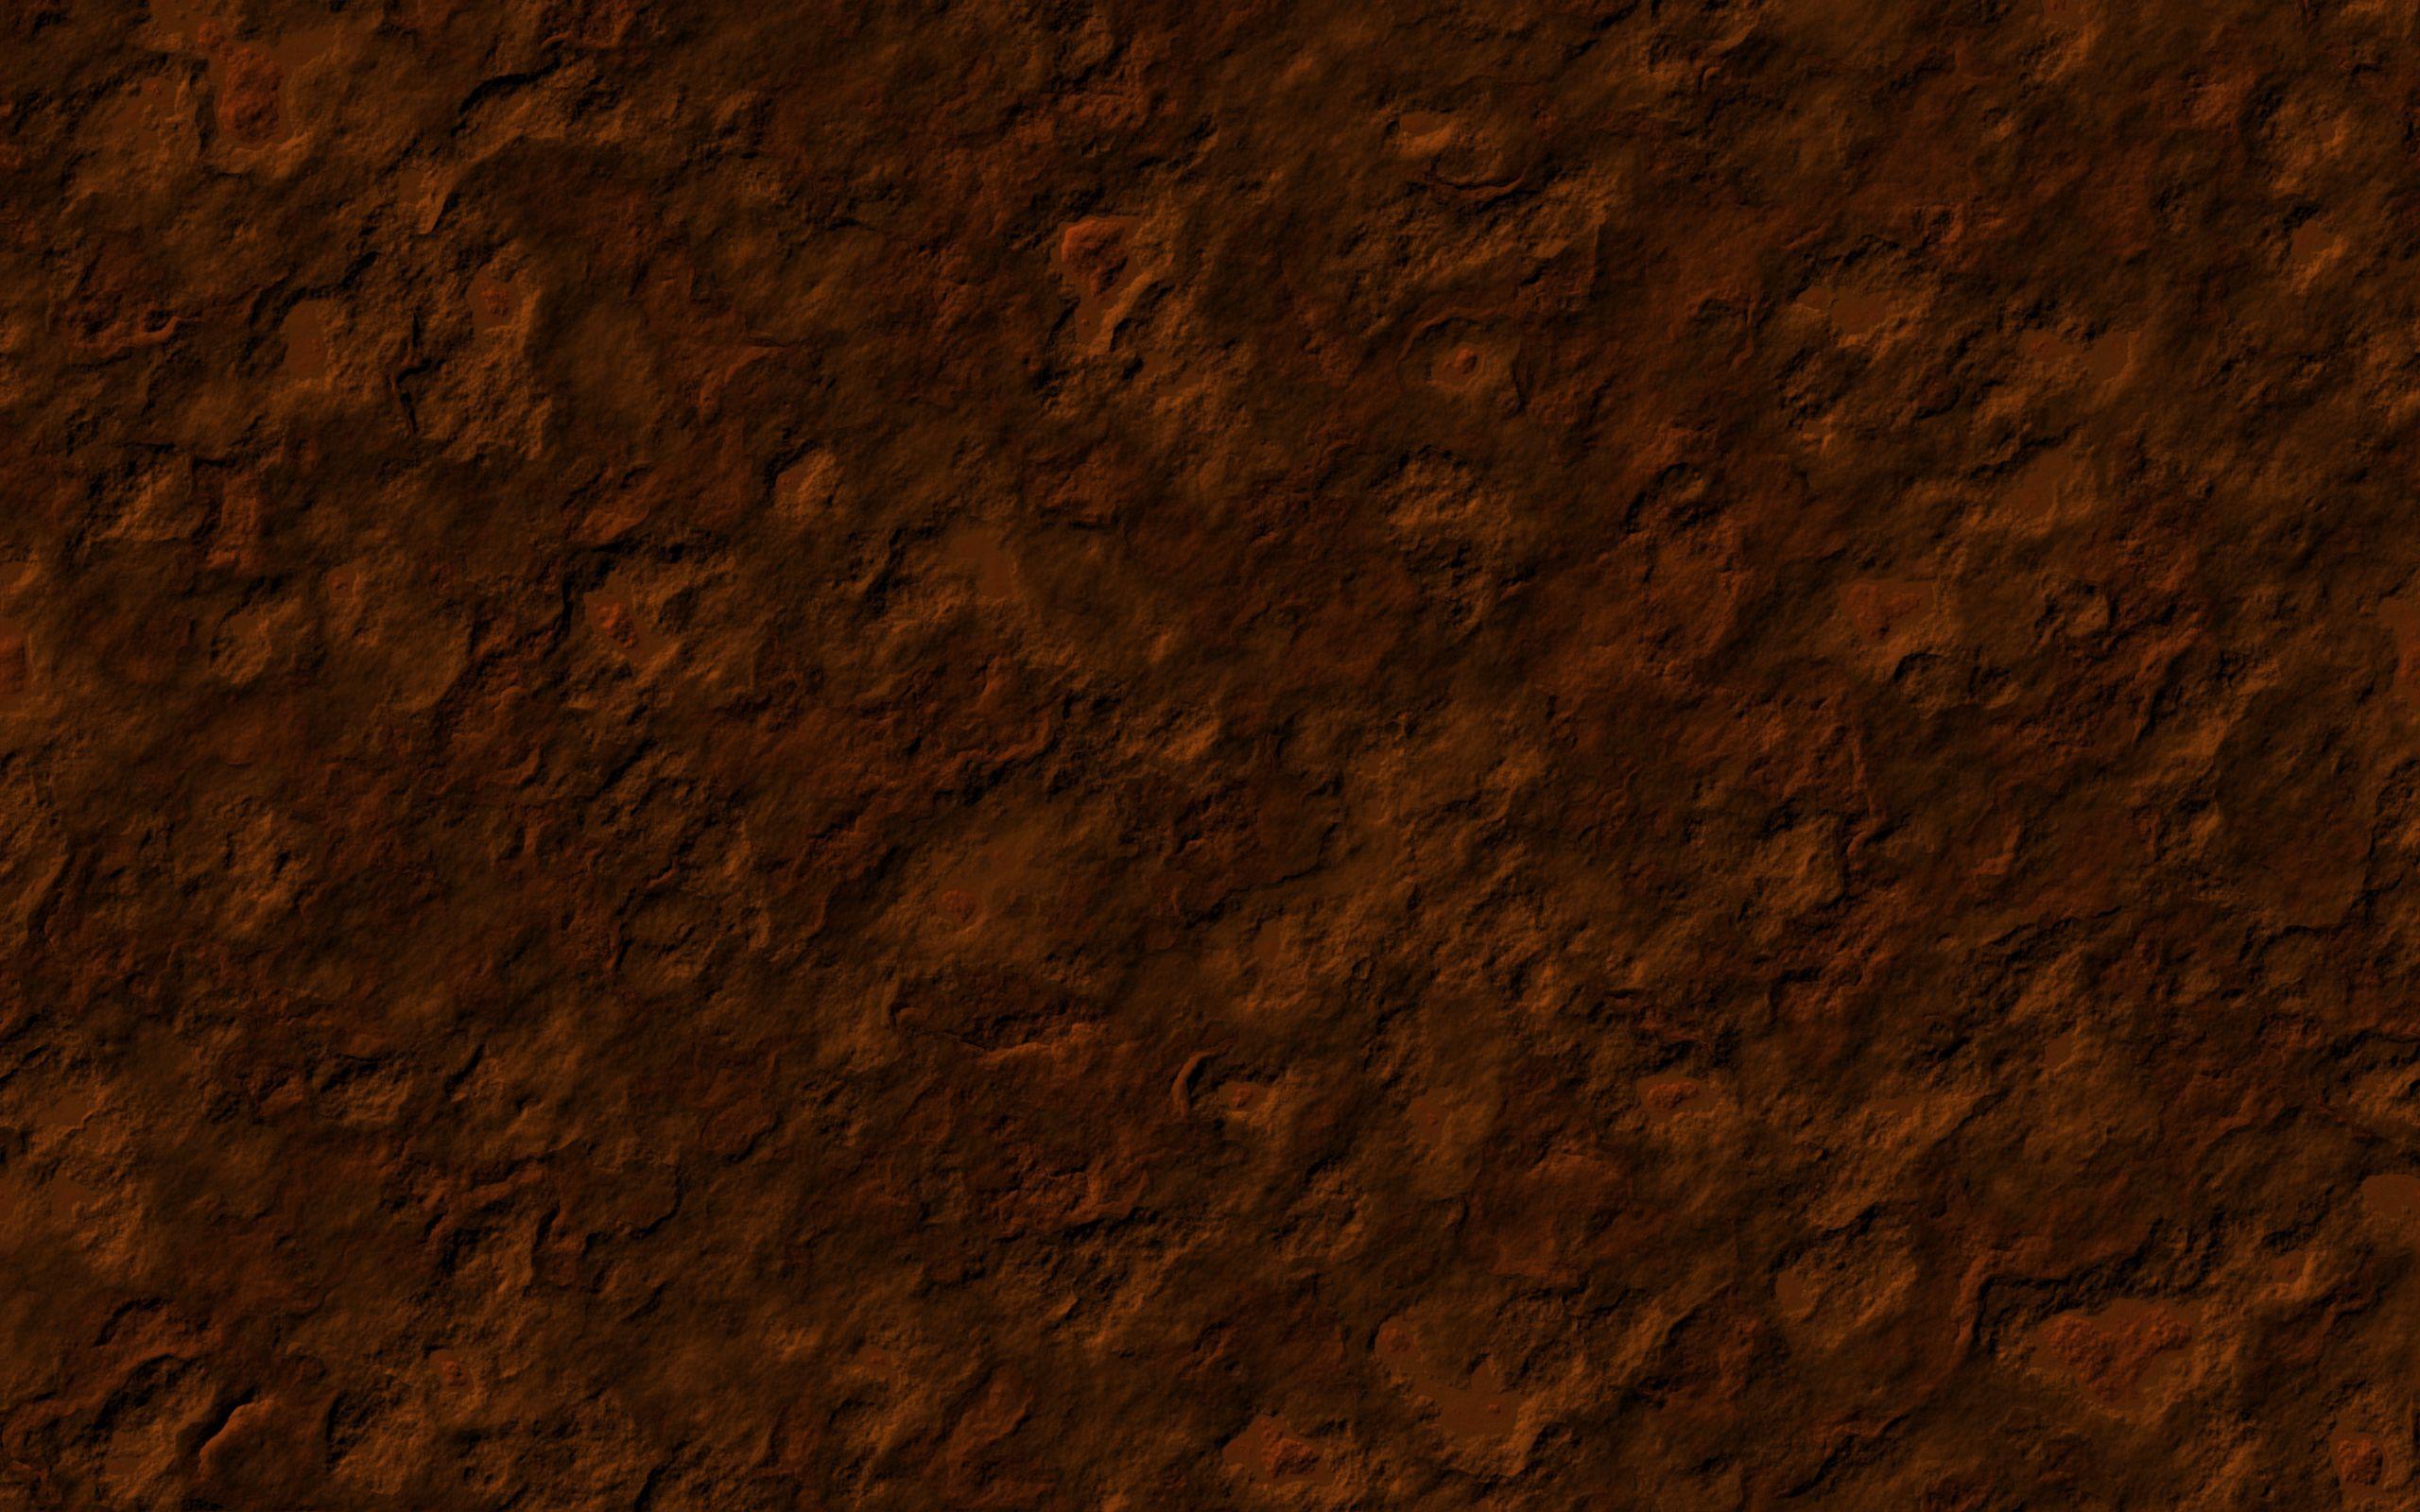 91916 Protetores de tela e papéis de parede Texturas em seu telefone. Baixe Texturas, Textura, Castanho, Marrom, Superfície, Estriado, Nervuras fotos gratuitamente